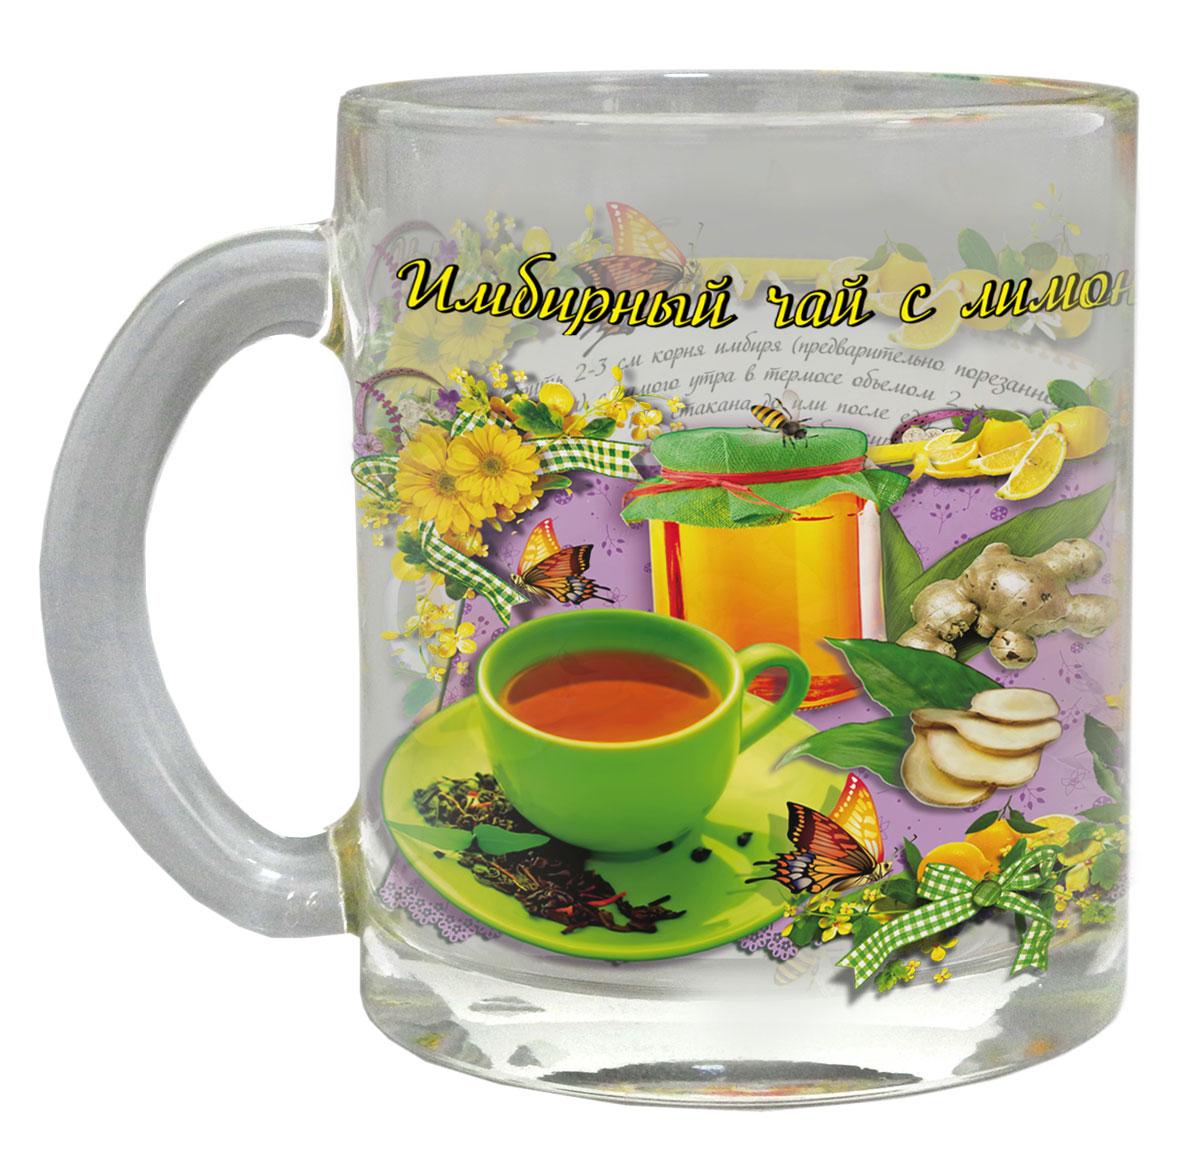 Кружка Квестор Имбирный чай с лимоном, 320 мл68/5/4Кружка Имбирный чай с лимоном выполнена из стекла. Внешняя сторона оформлена оригинальным рисунком и надписью.Кружка сочетает в себе оригинальный дизайн и функциональность. Благодаря такой кружке пить напитки будет еще вкуснее.